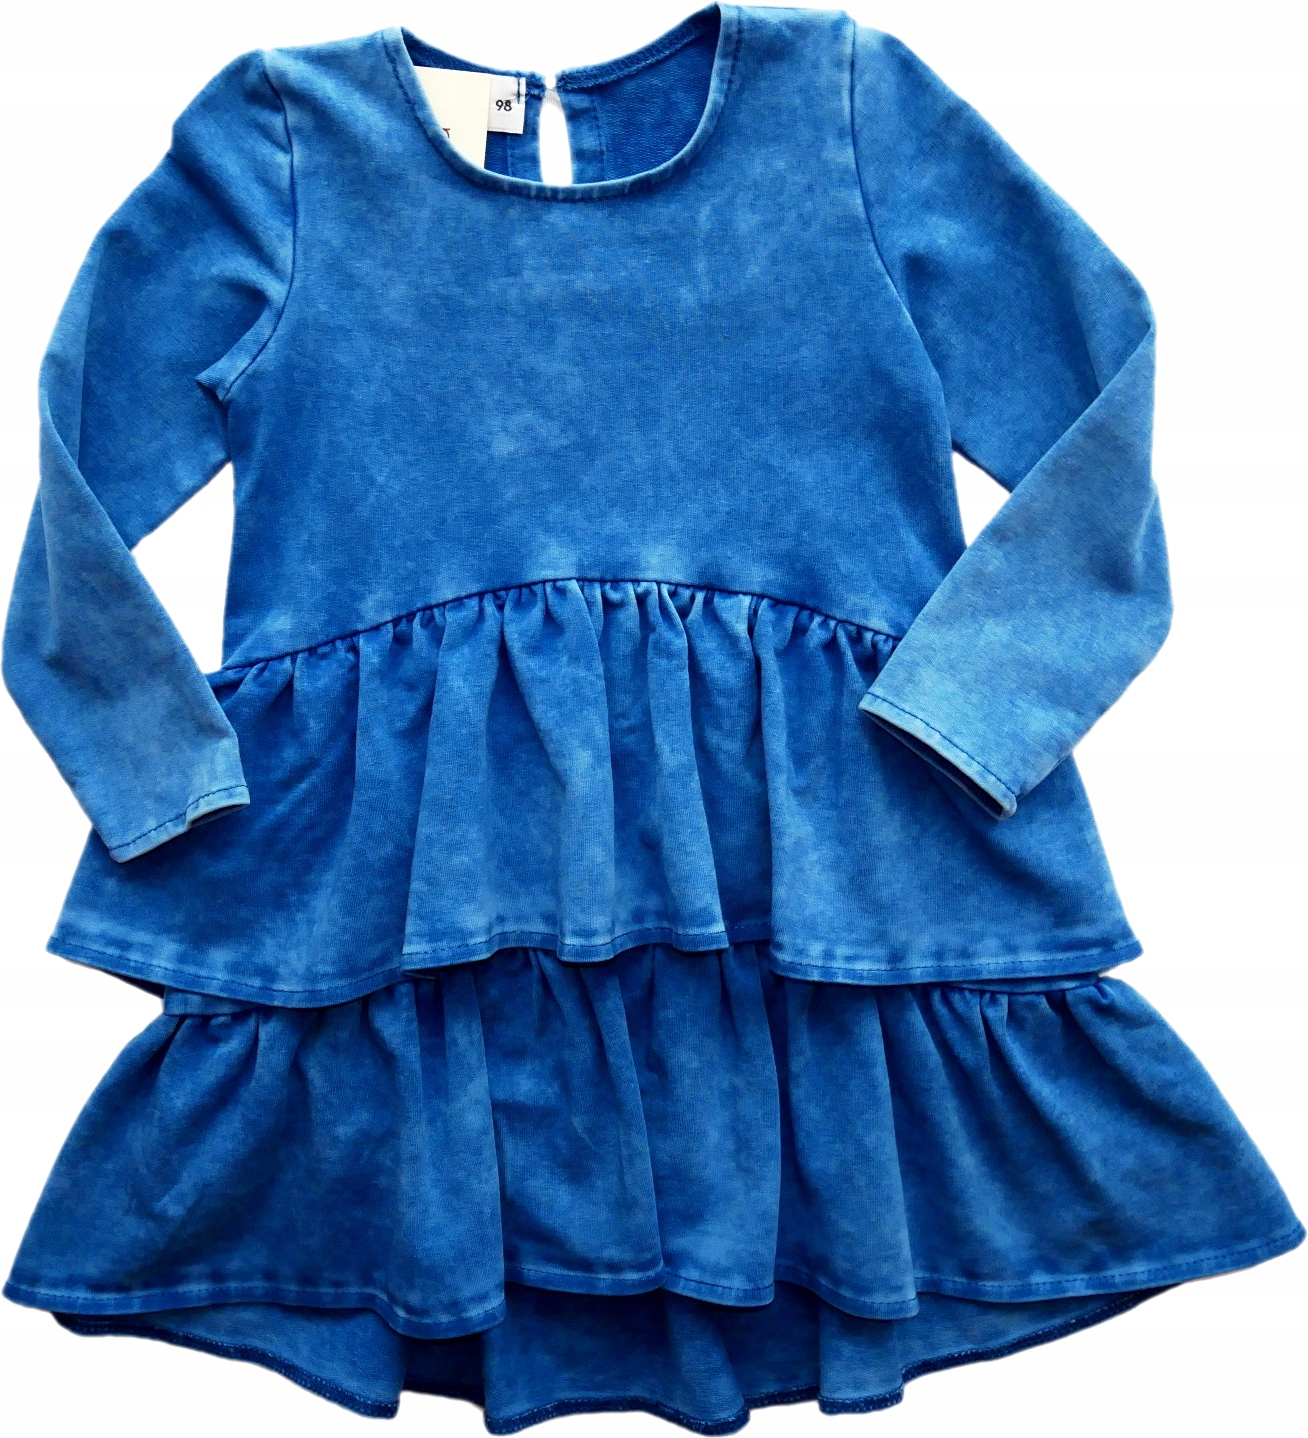 Šaty dekatyzowania poľský výrobca 98